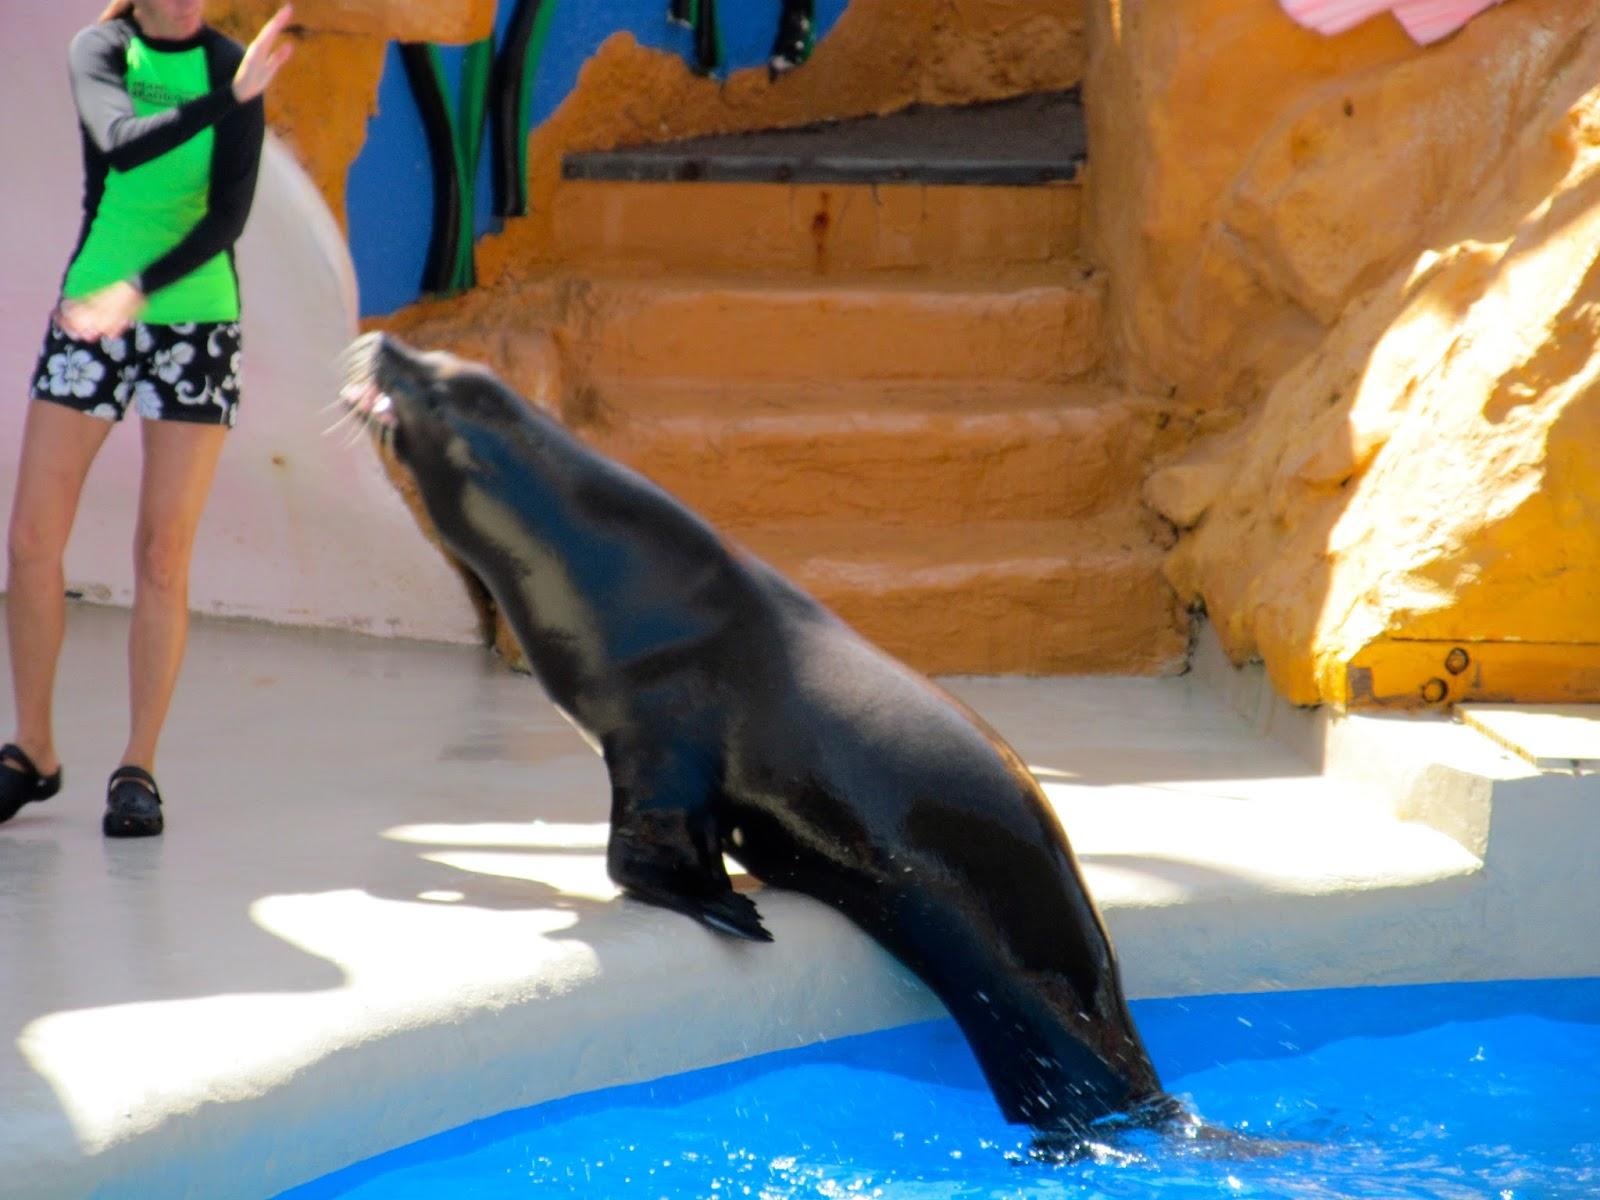 Sea Lion Show Miami Seaquarium, FL - ouroutdoortravels.blogspot.com